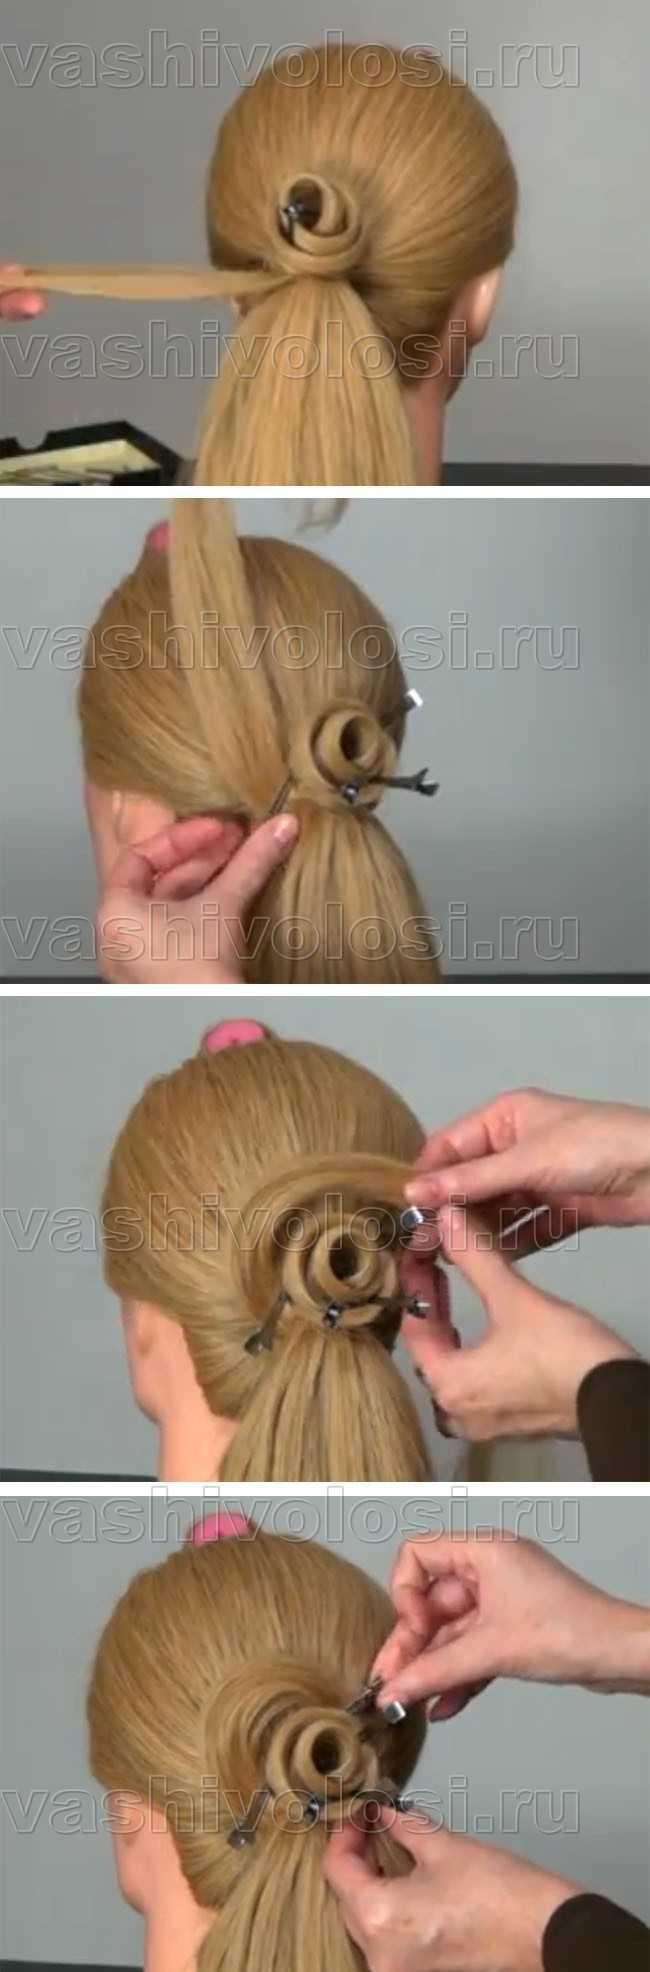 Как сделать из волос прически фото поэтапно